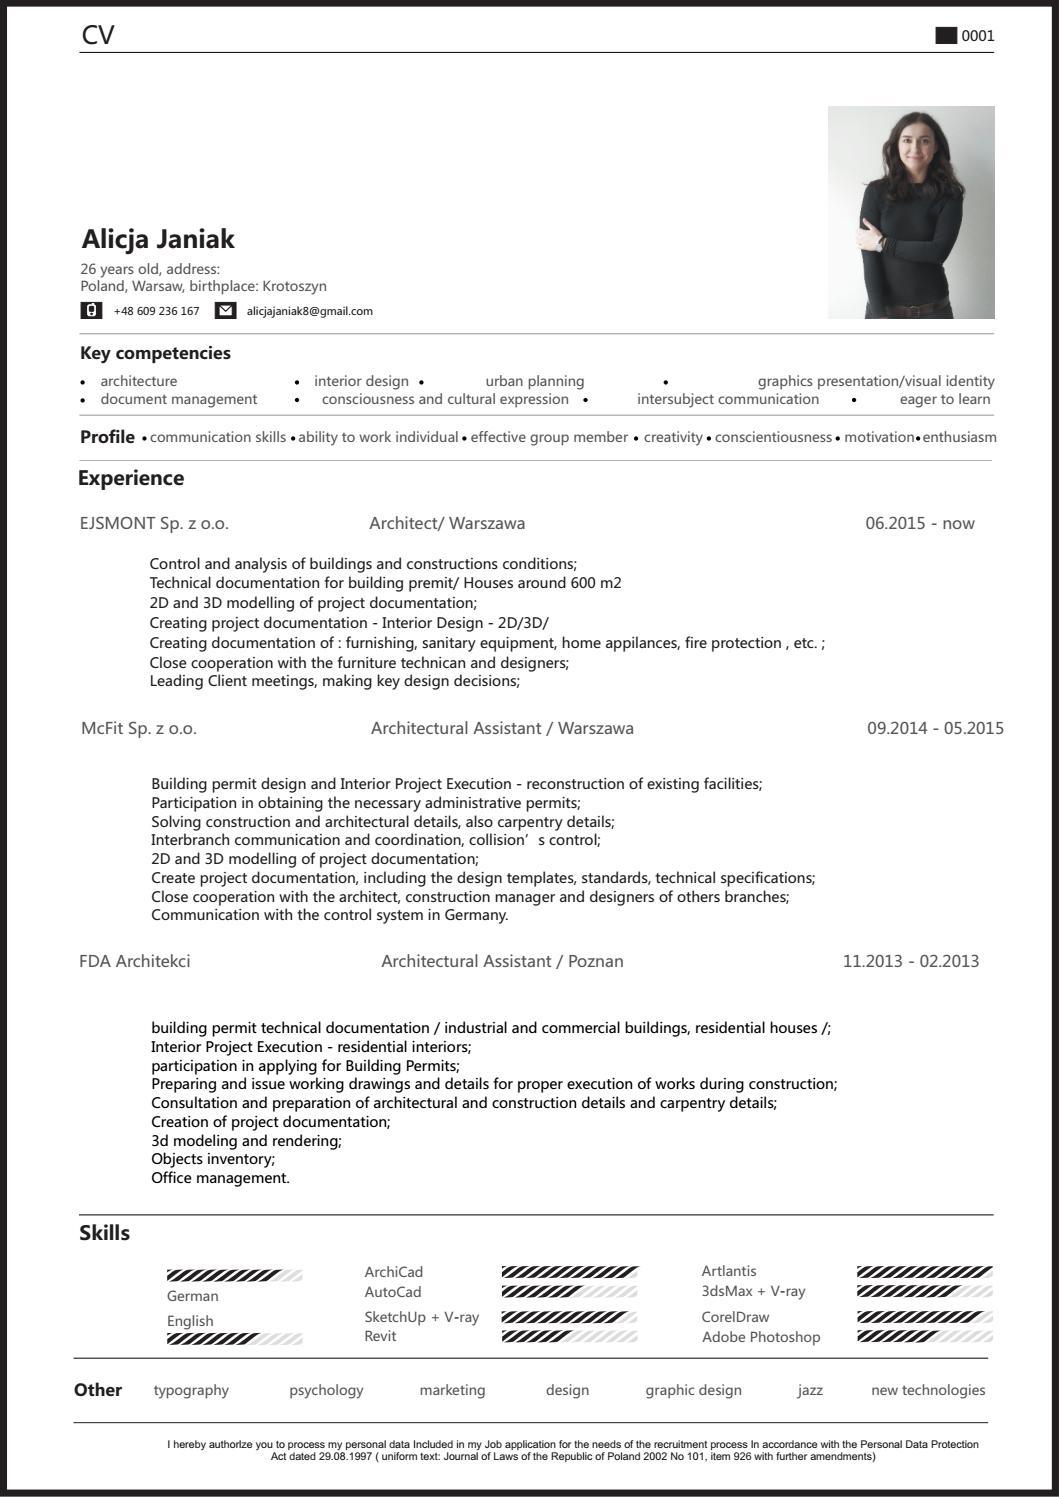 2016 janiak alicja eng cv by Alicja Janiak - issuu